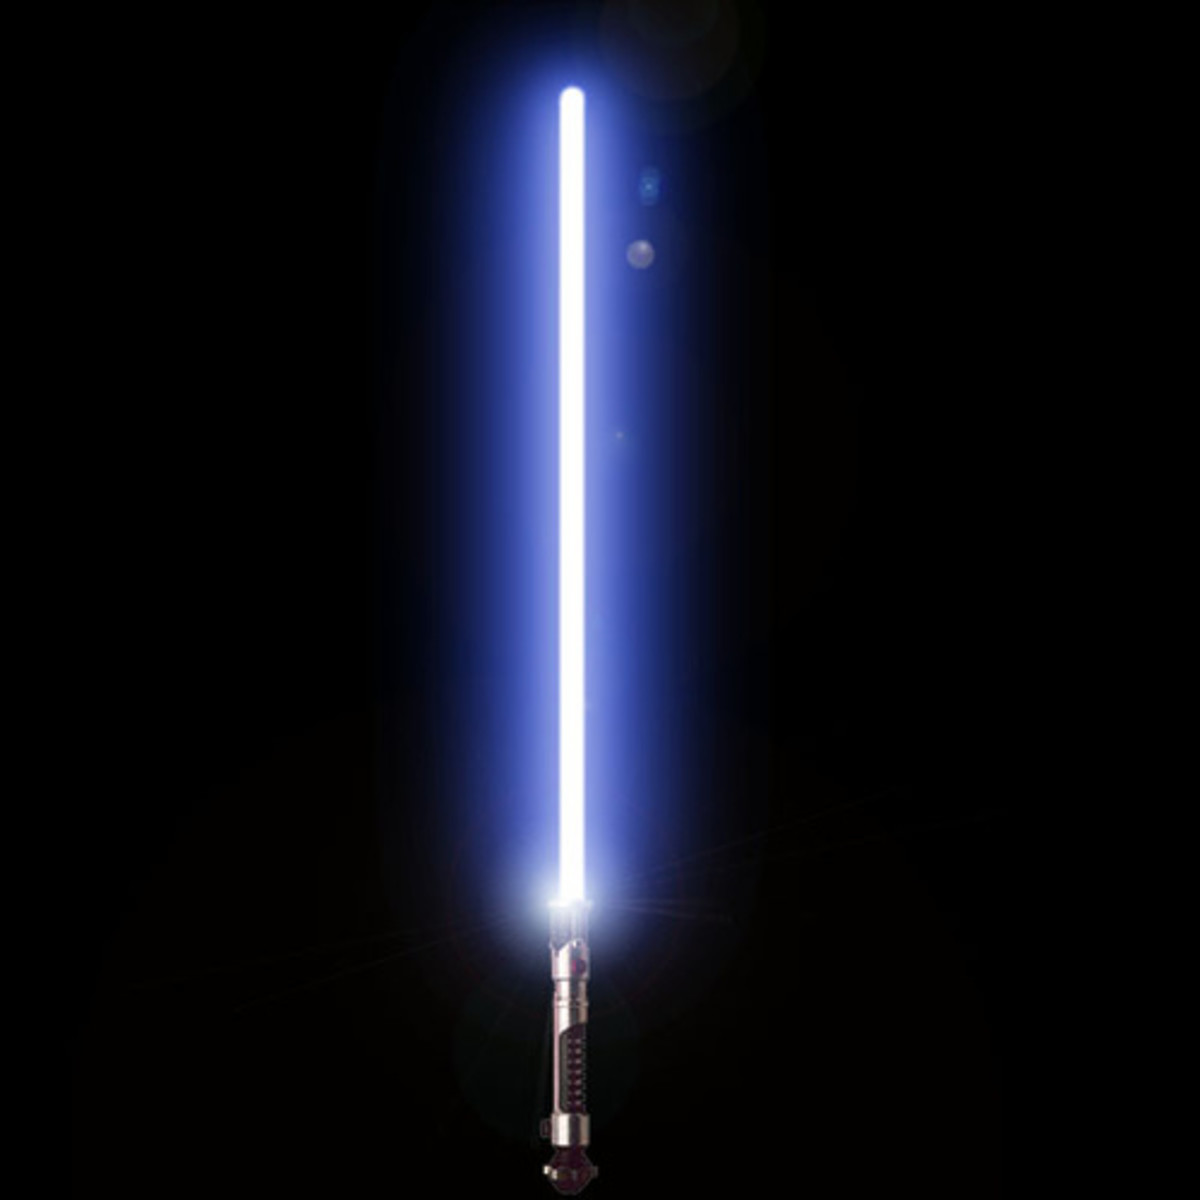 Blue lightsaber